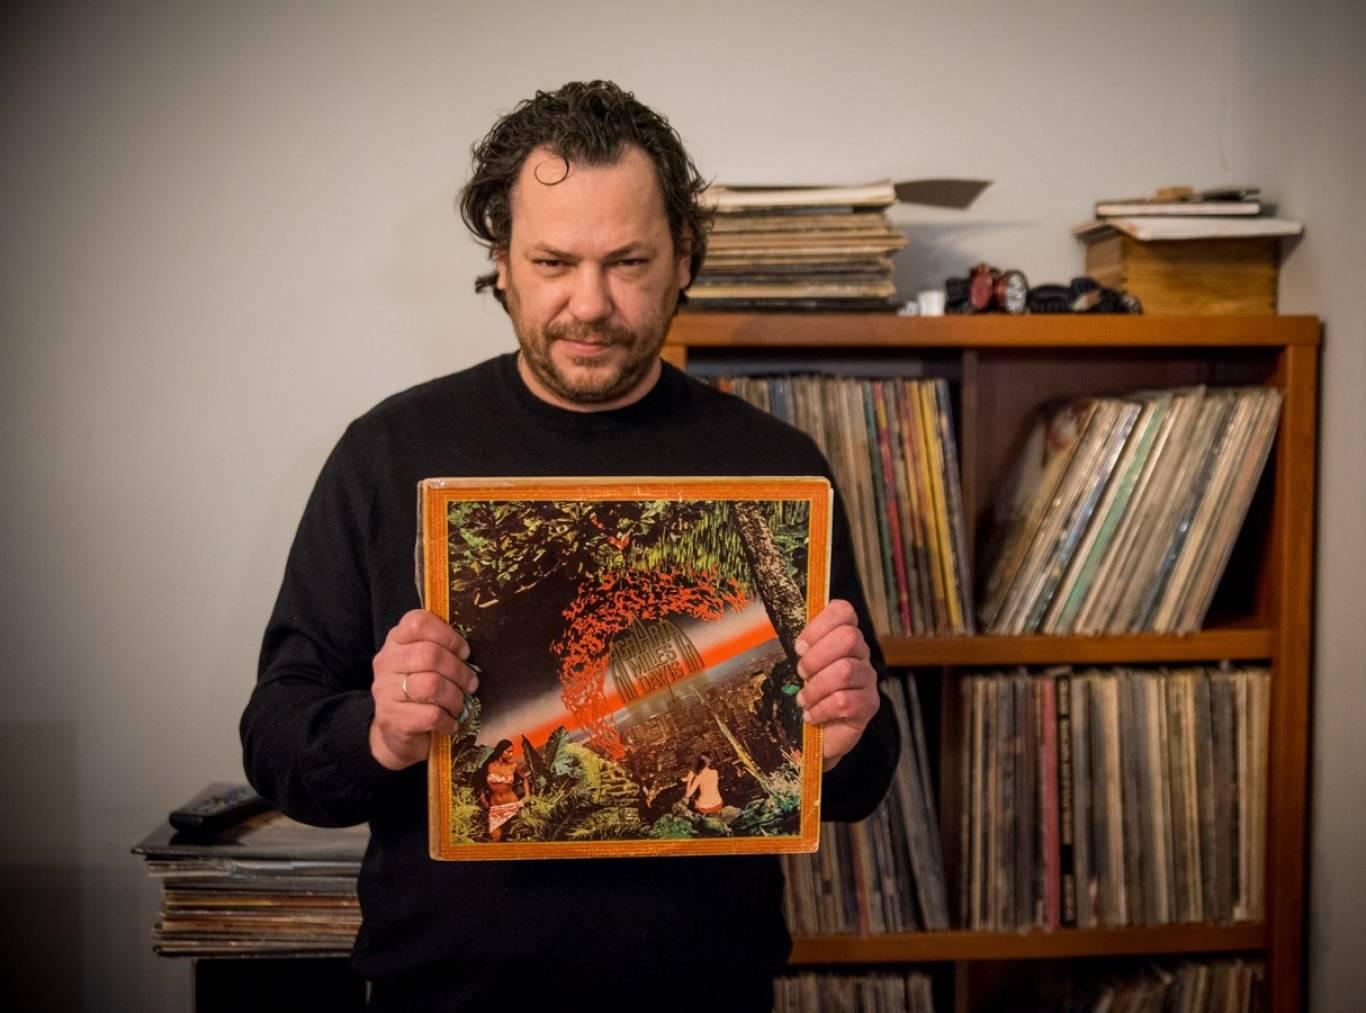 Александр Топилов: Рок-музыка и поэзия